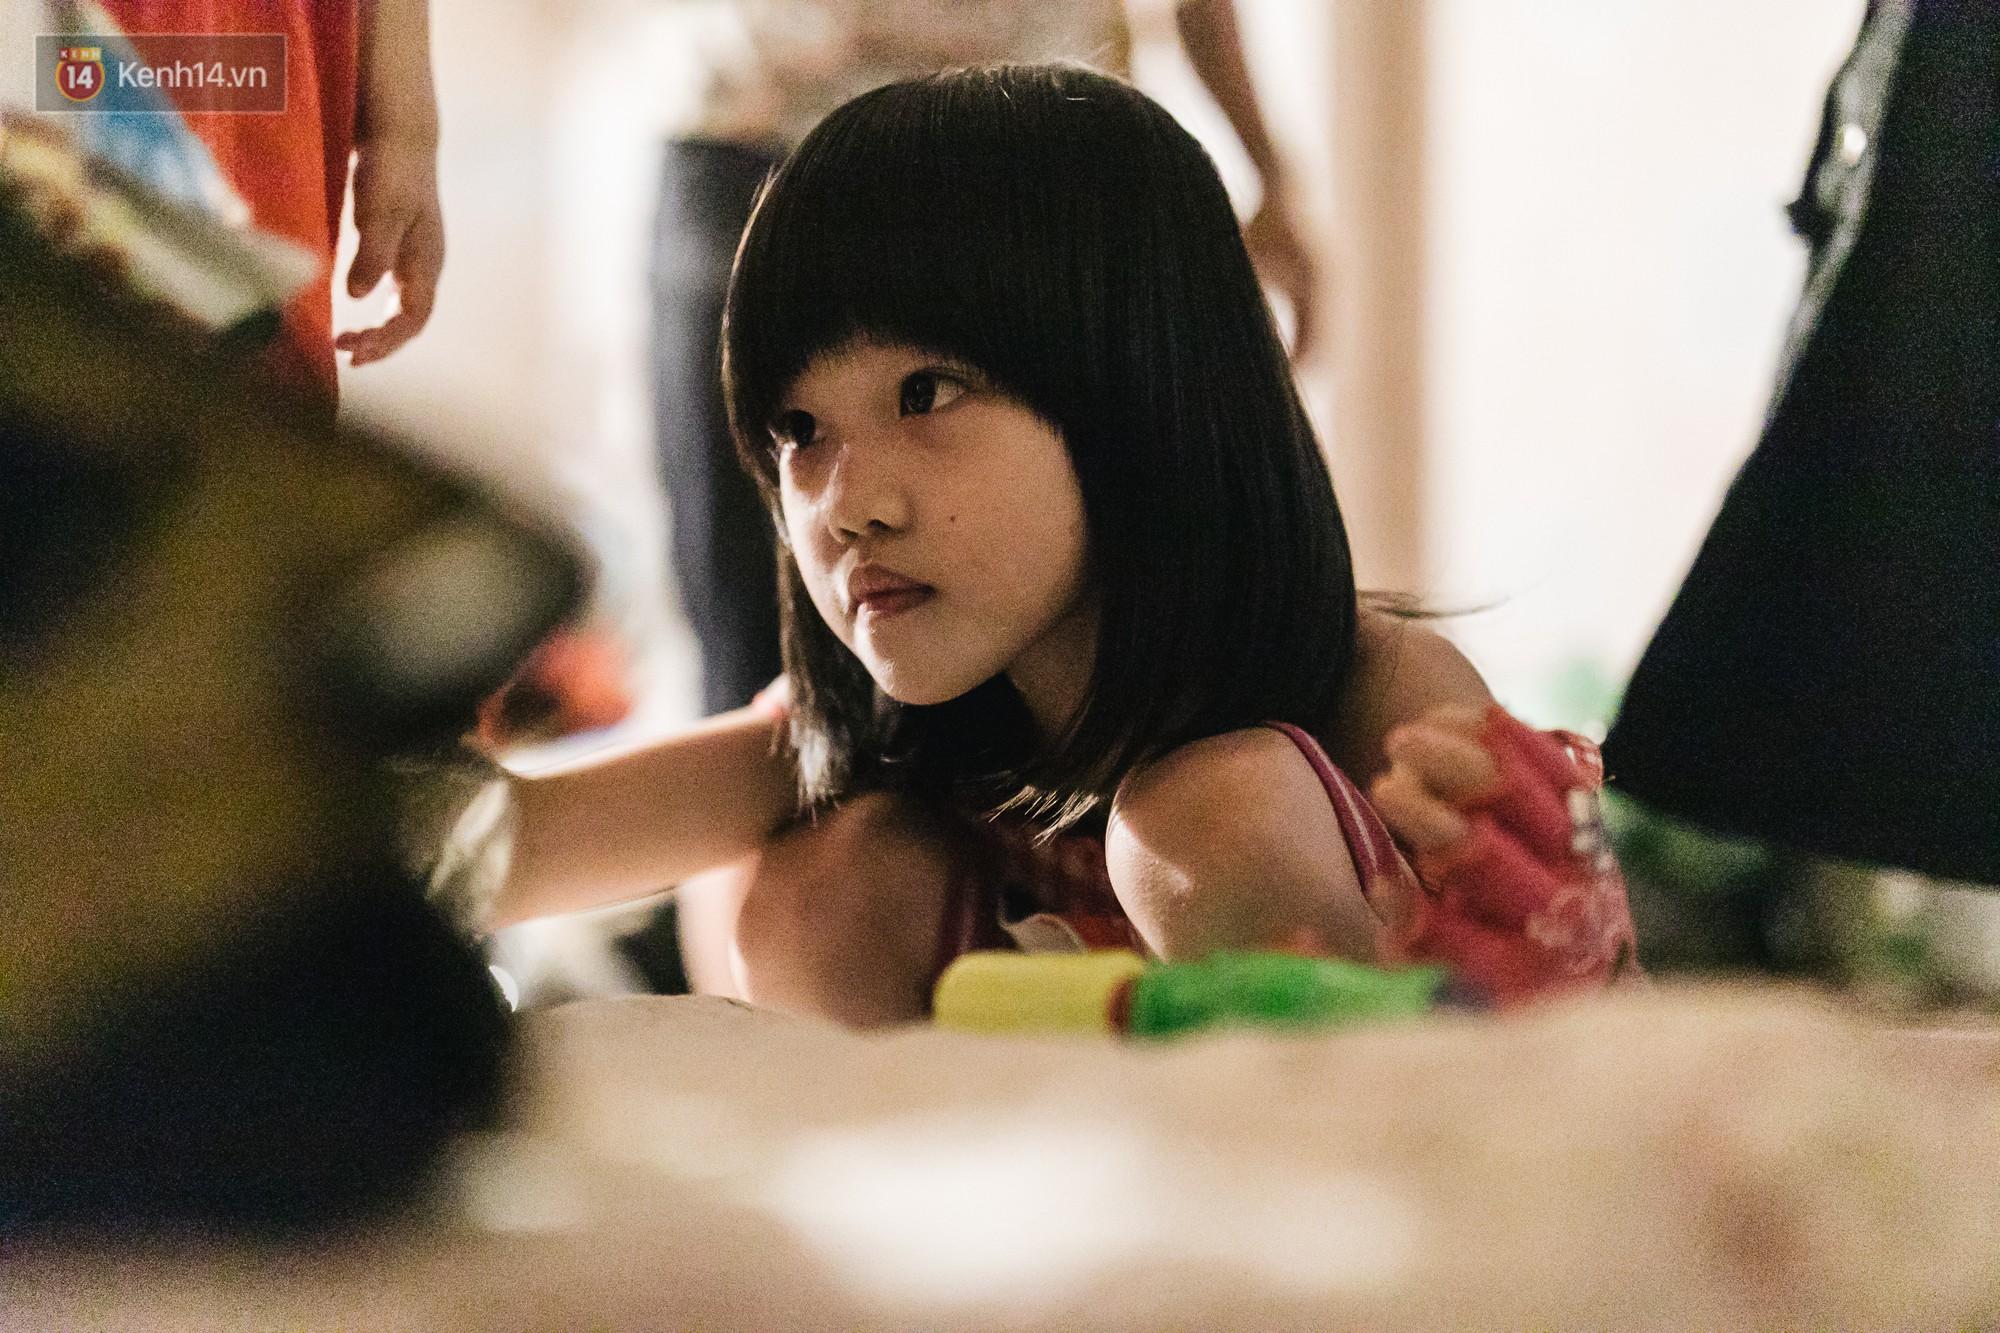 Bất ngờ nổi tiếng sau 1 đêm, bé gái 6 tuổi phối đồ chất ở Hà Nội trở về những ngày lang thang bán hàng rong cùng mẹ-8